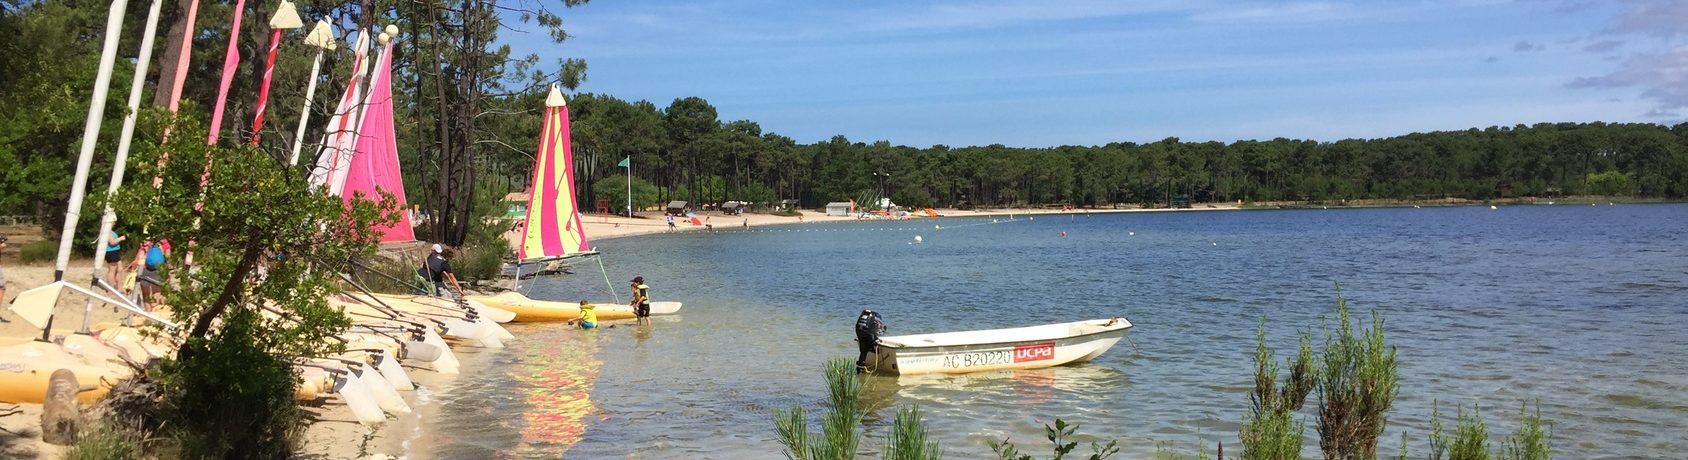 Camping Huttopia Lac de Carcans is een boscamping te midden van een pijnbomenbos aan het meer van Carcans Maubuisson in de Gironde in de Aquitaine.